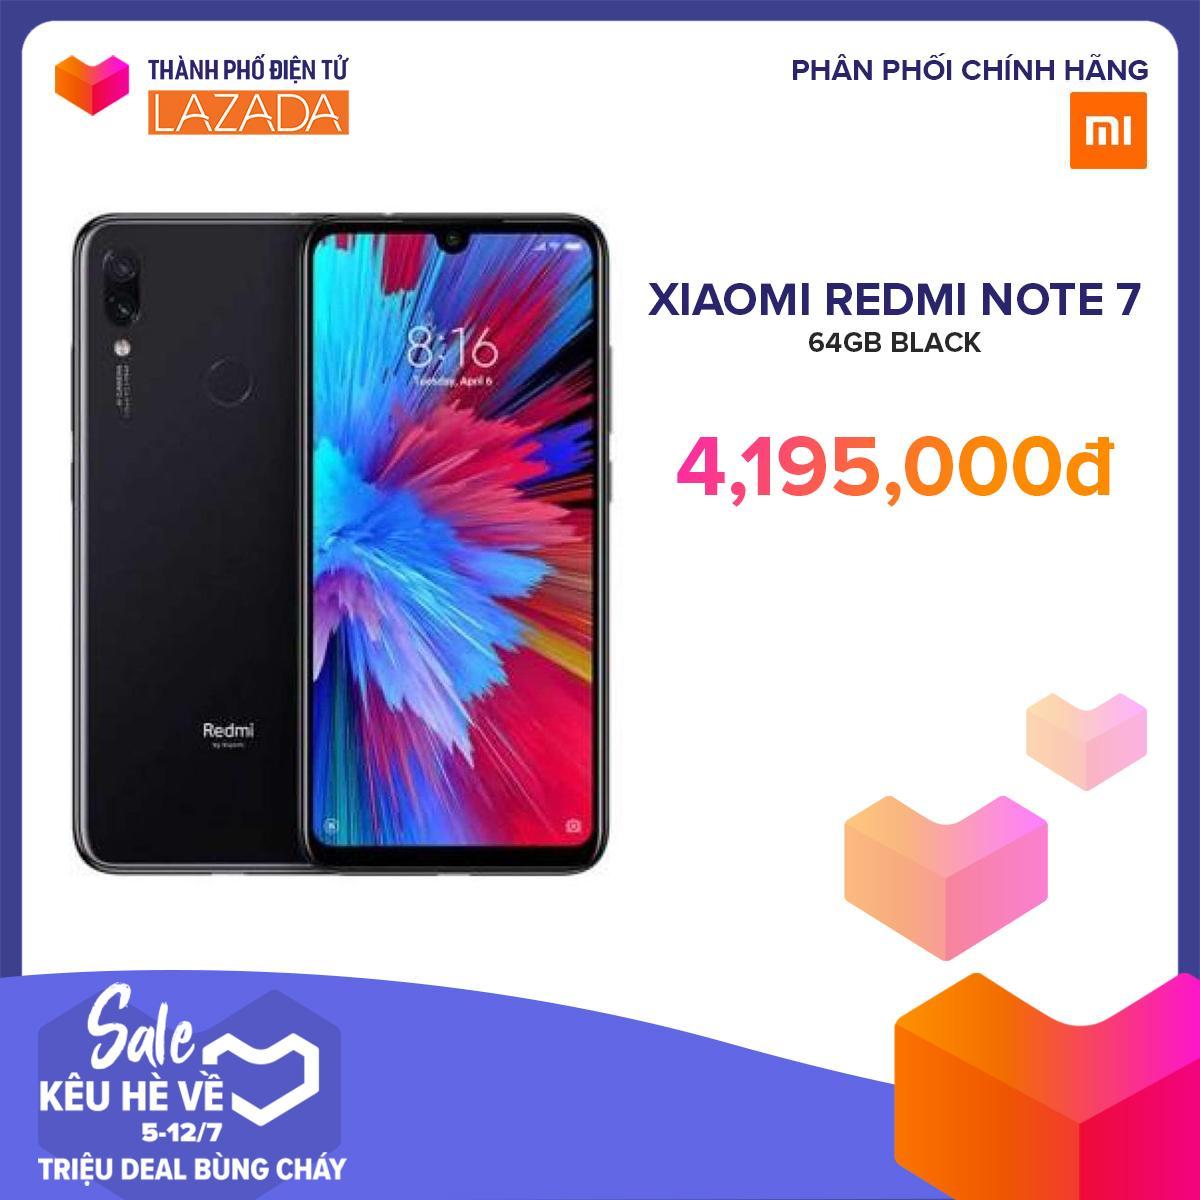 Điện Thoại Xiaomi Redmi Note 7 64GB/Ram 4G - Hãng phân phối chính thức